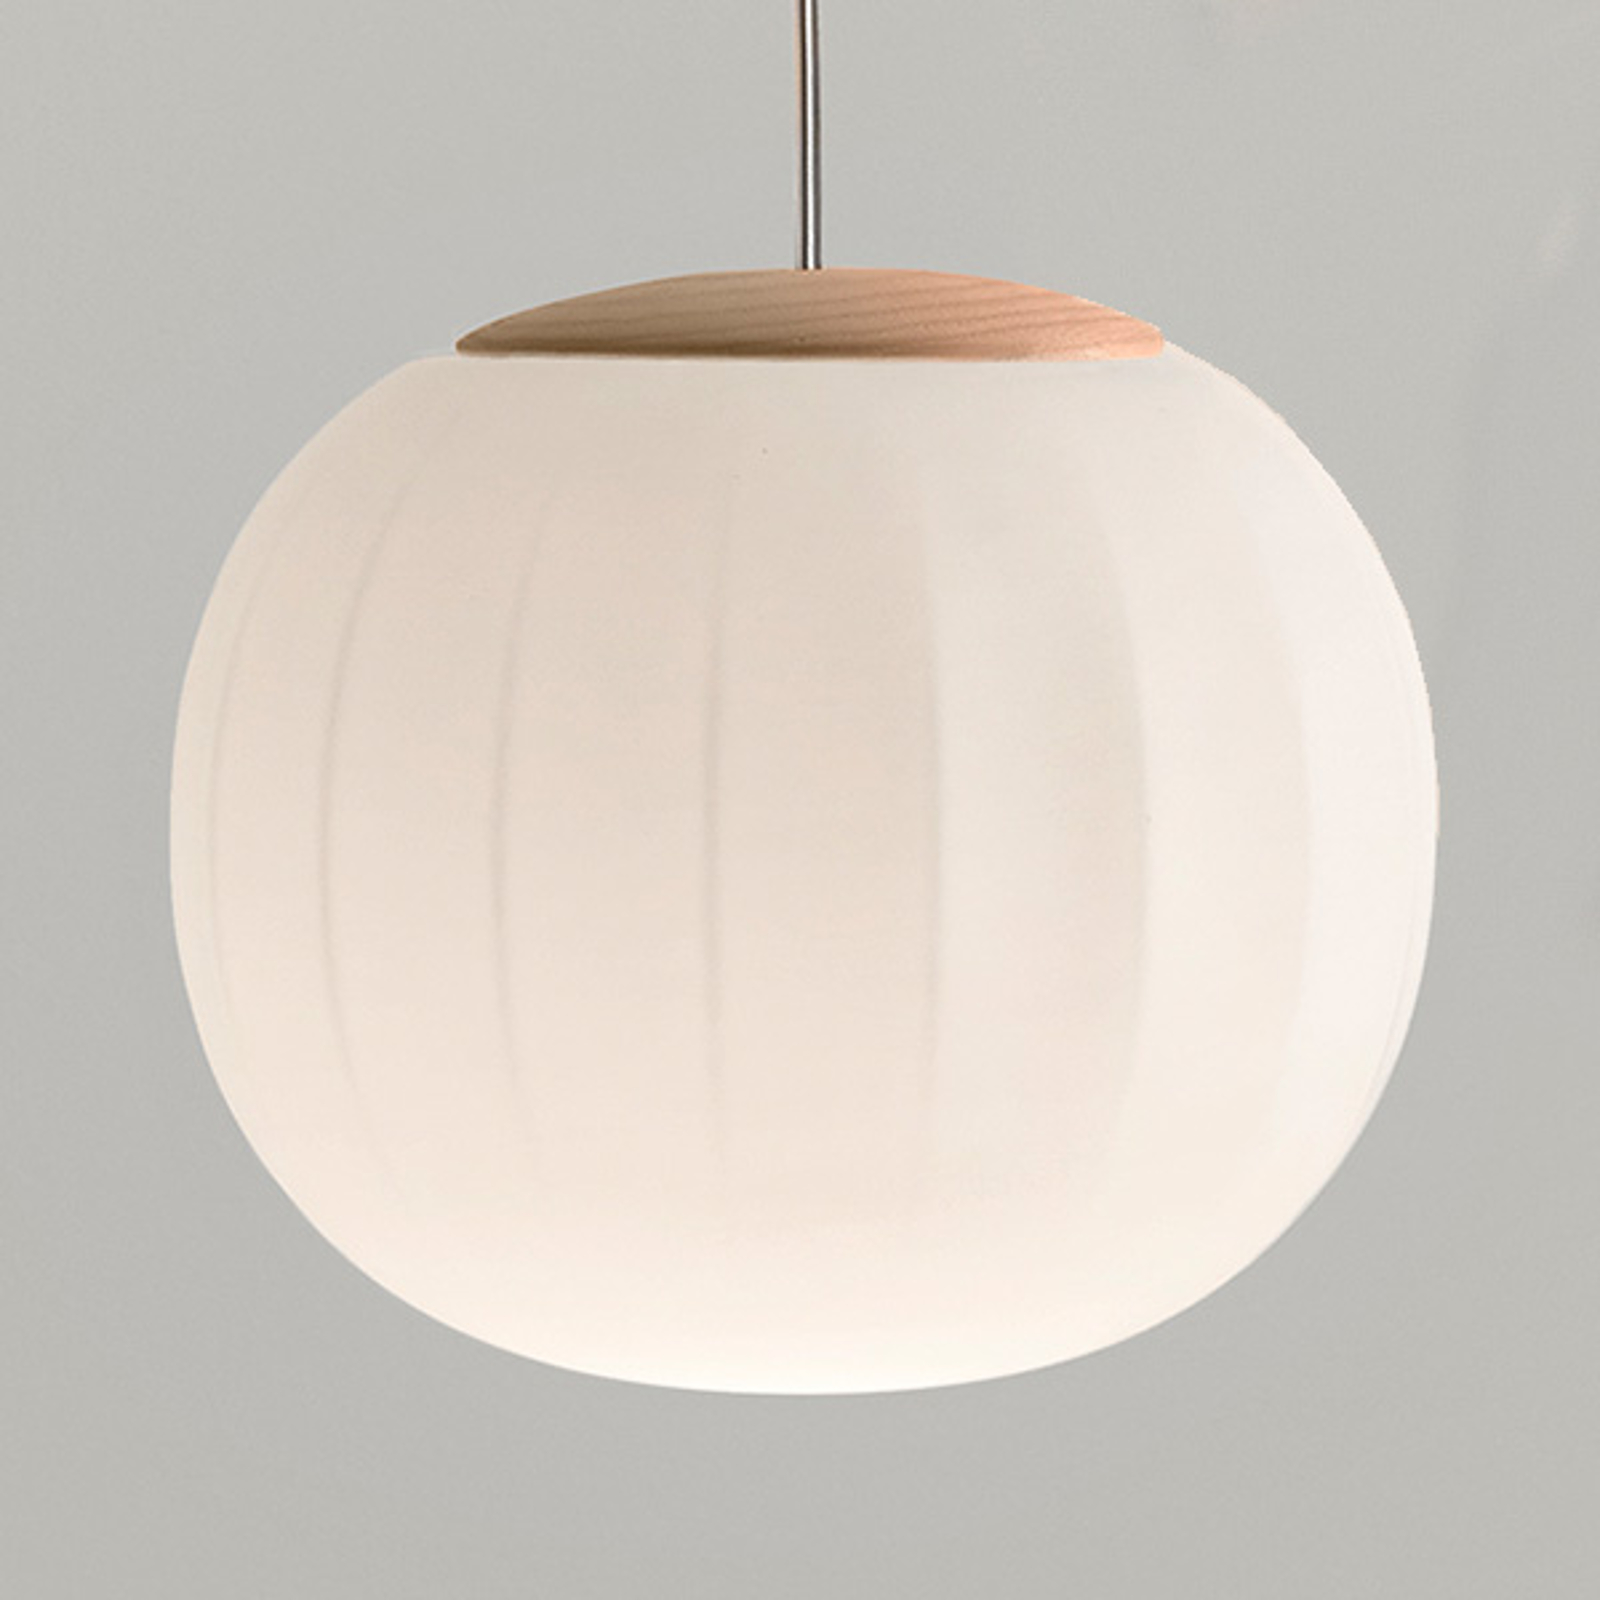 Luceplan Lita lampa wisząca zawieszenie jesion Ø18